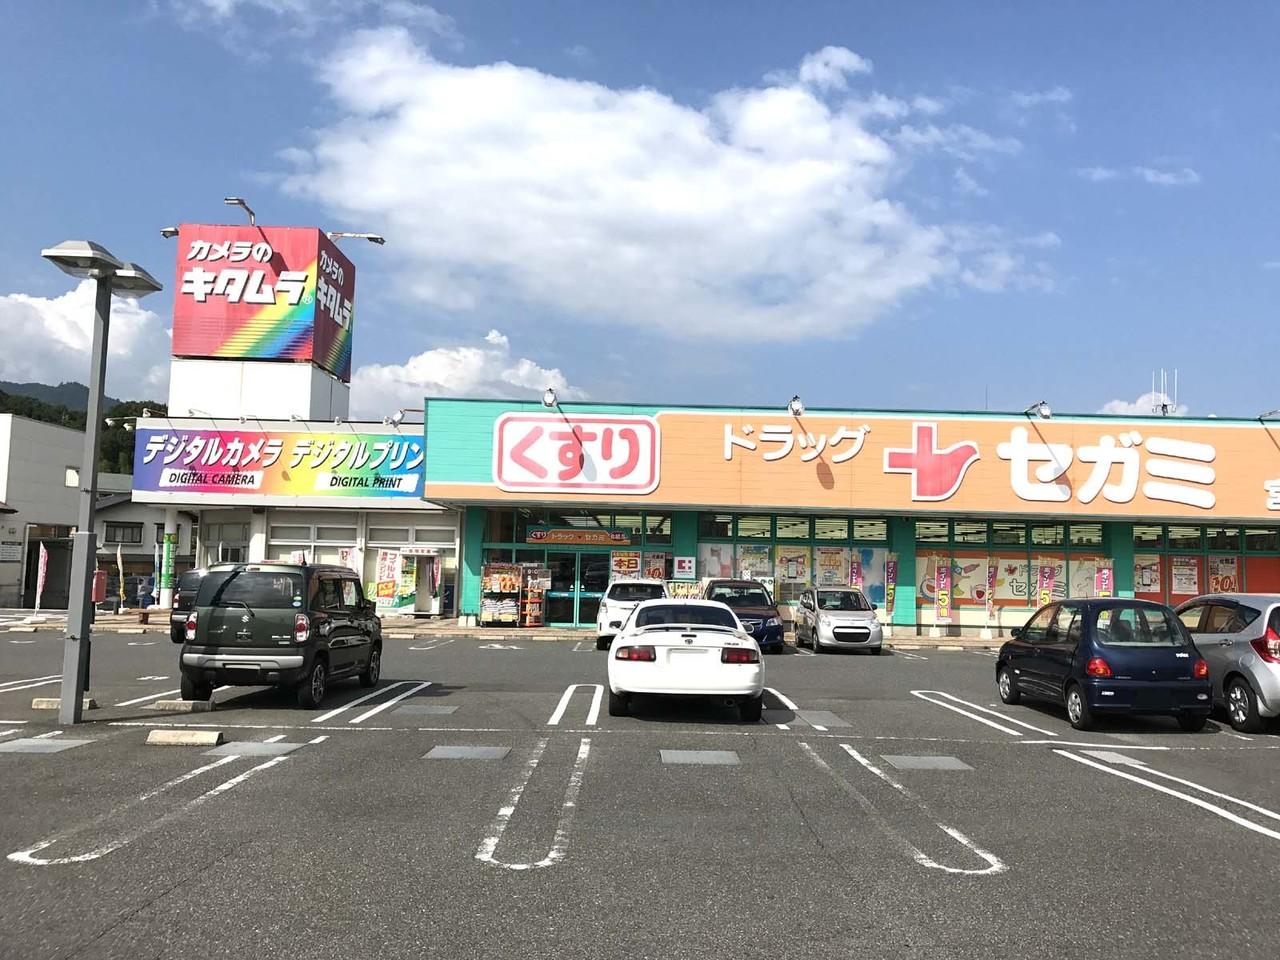 【 ドラッグストア】営業時間:9:00~21:00